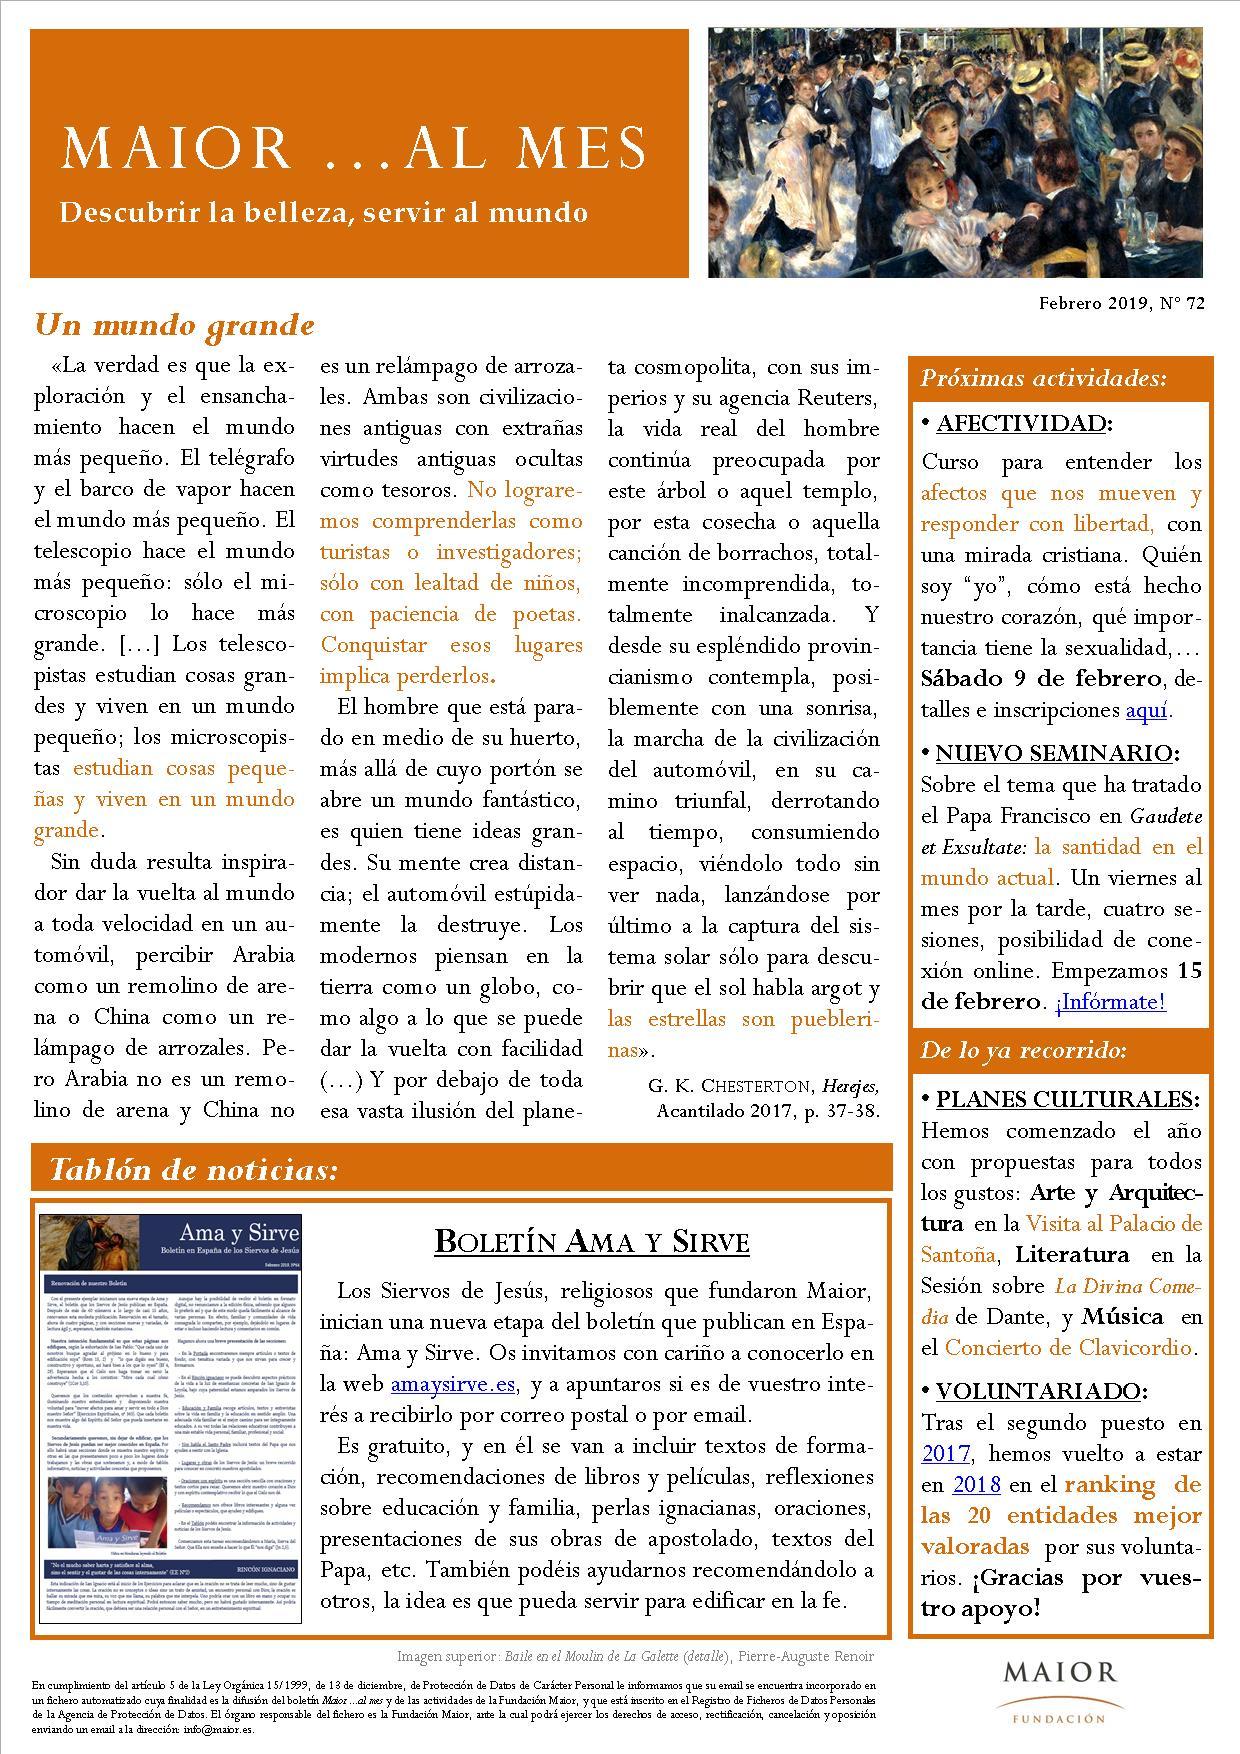 Boletín mensual de noticias y actividades de la Fundación Maior. Edición de febrero 2019